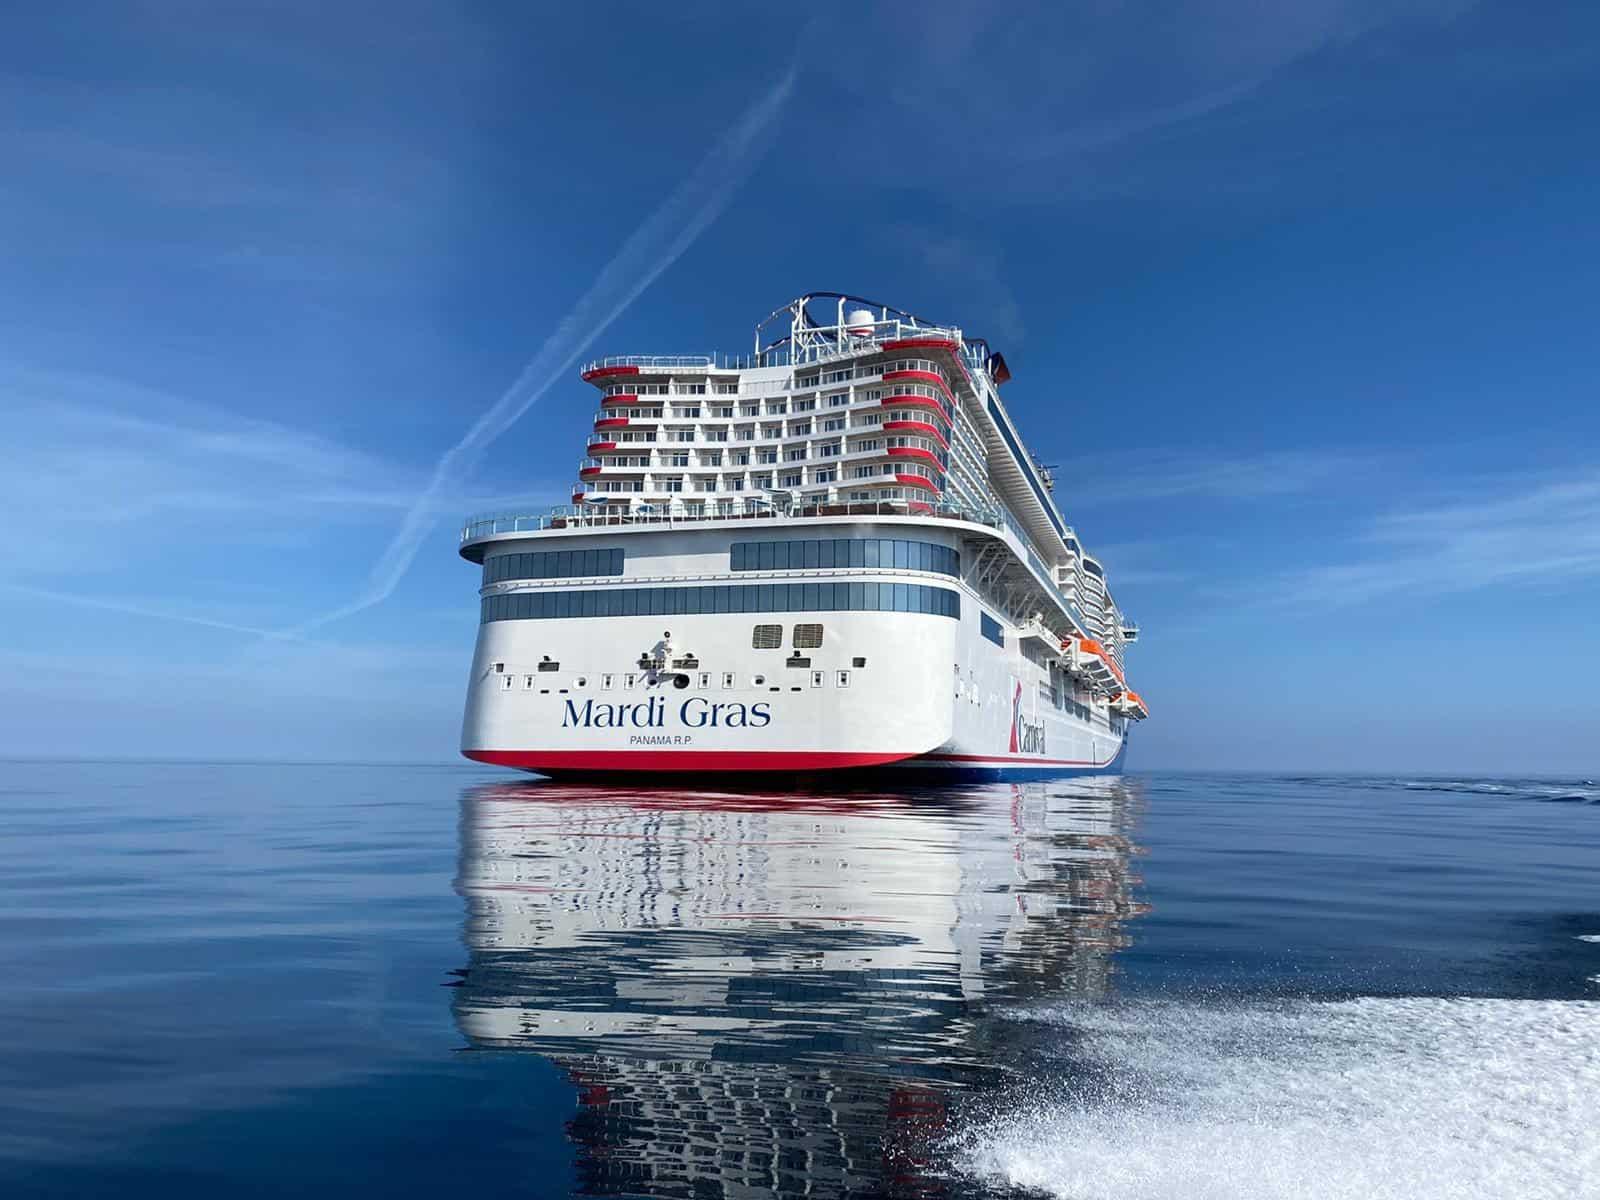 carnival cruise line mardi gras at sea